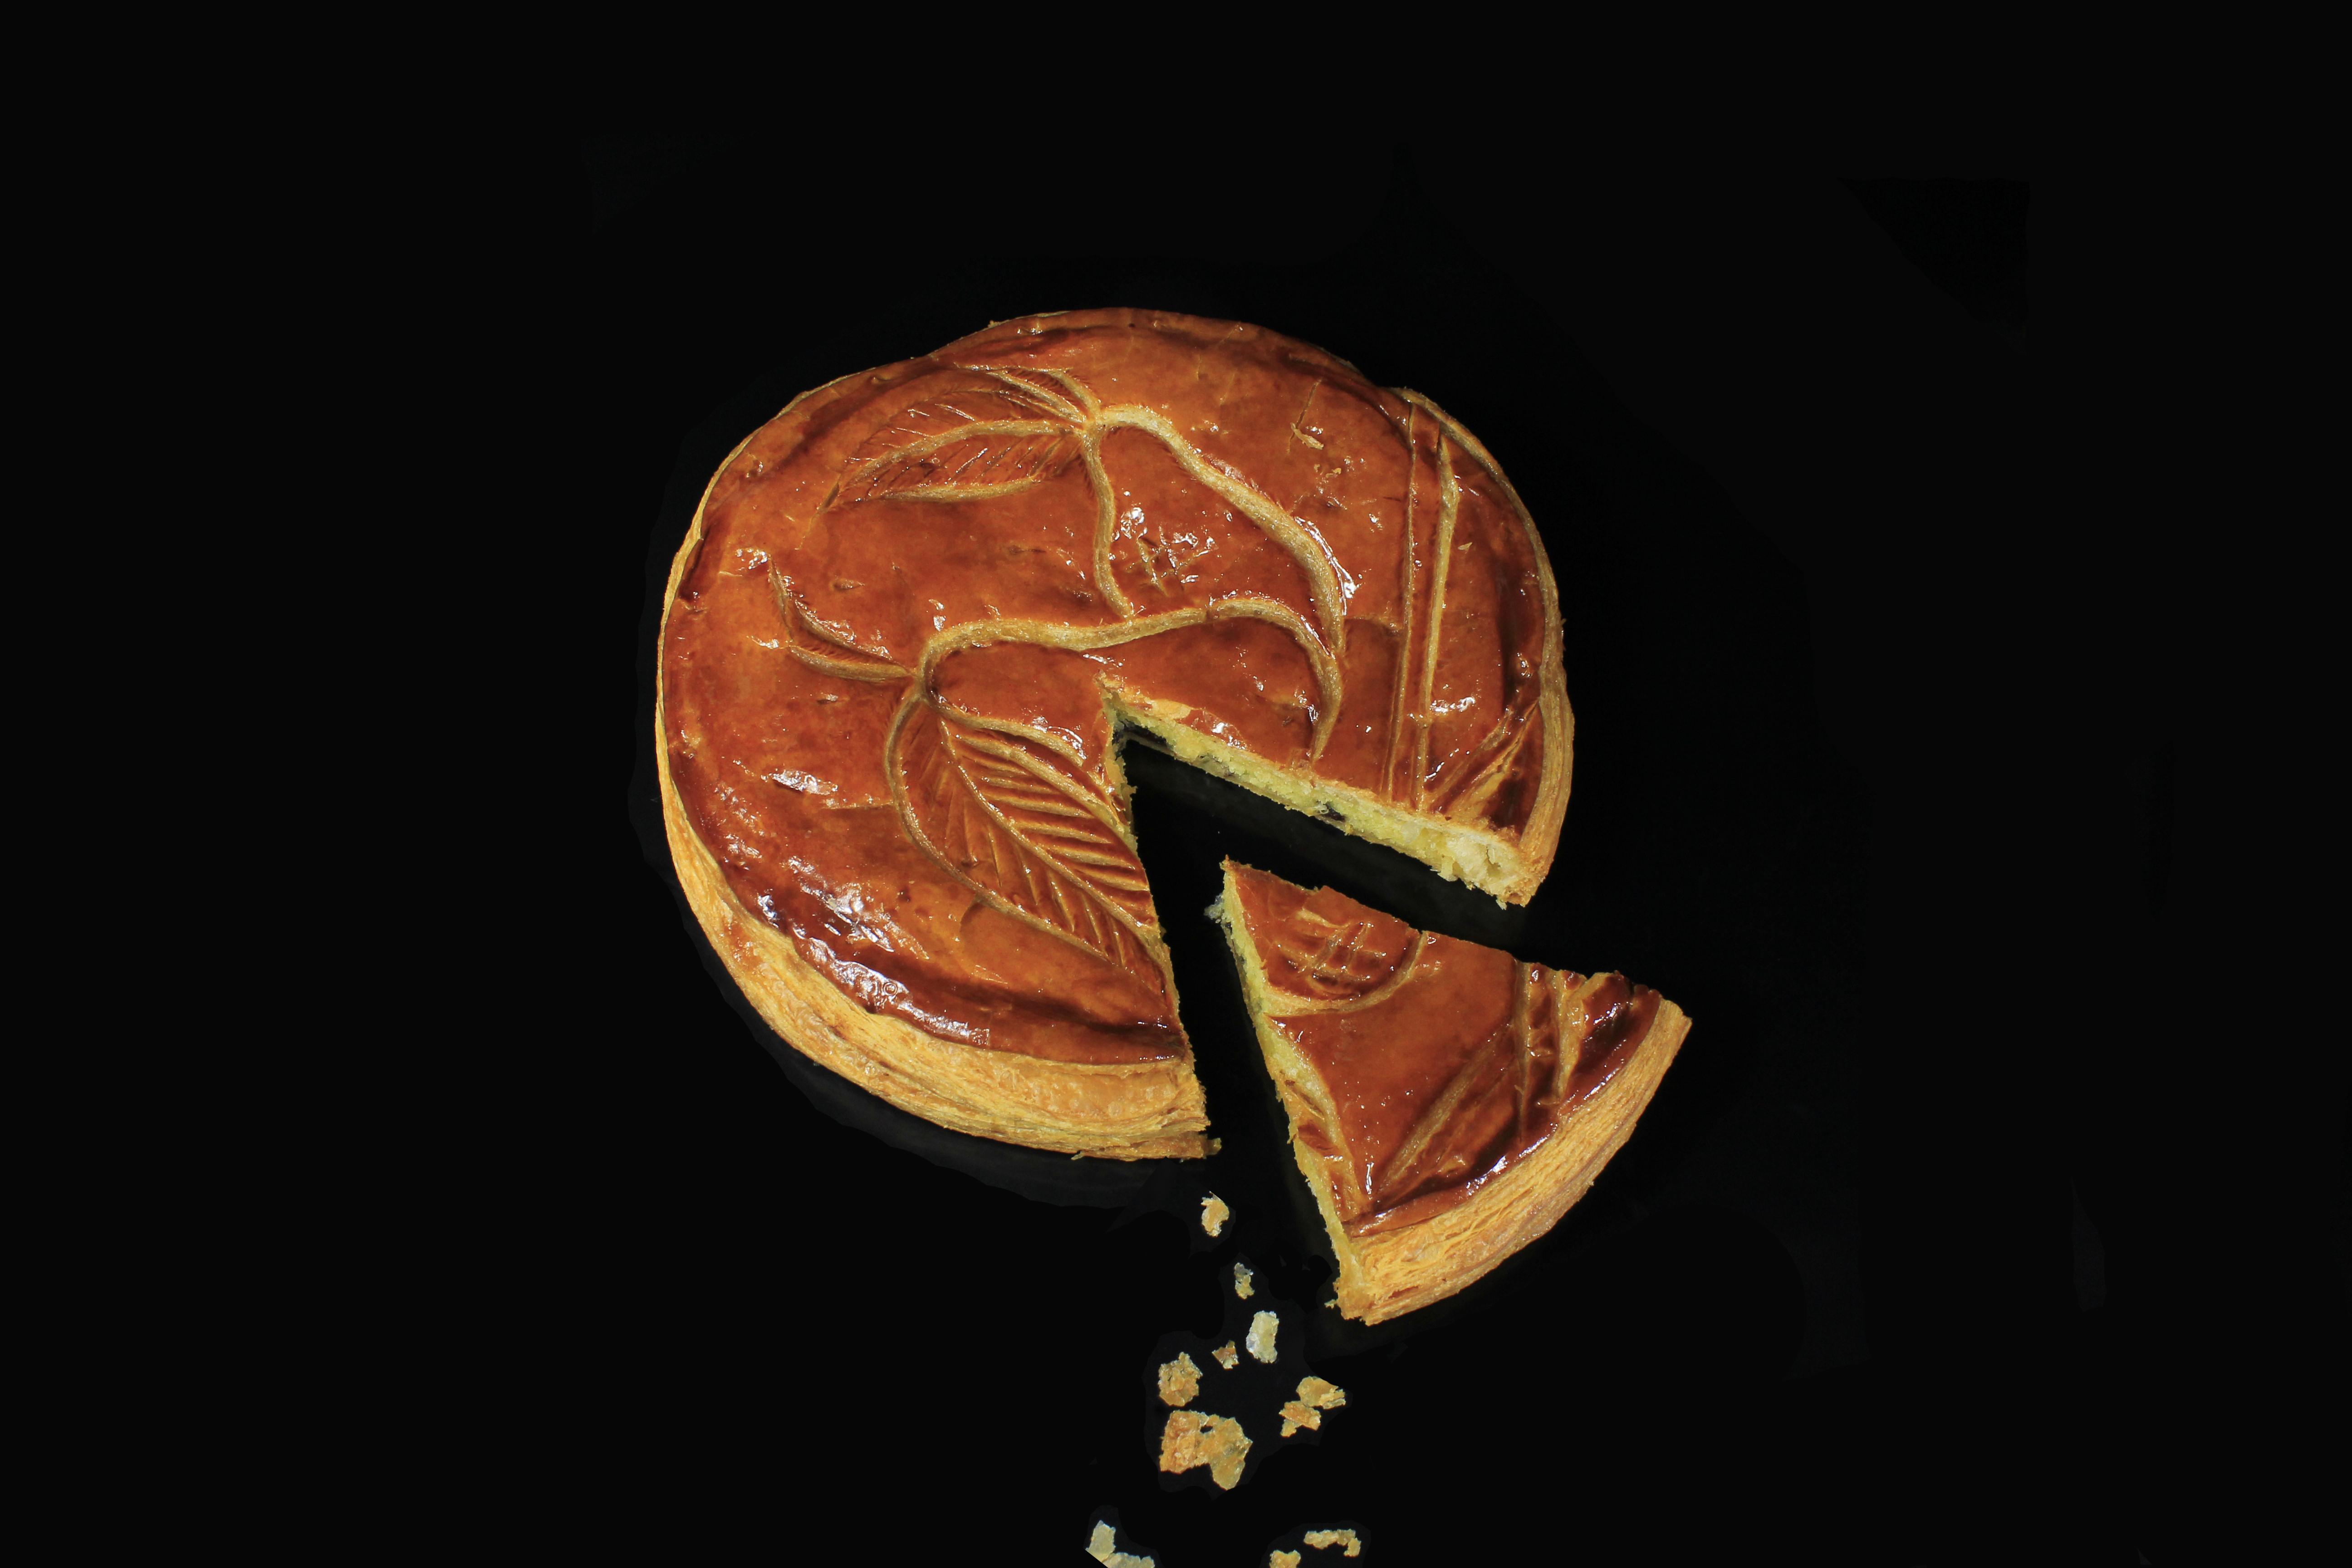 galette des rois poire chocolat